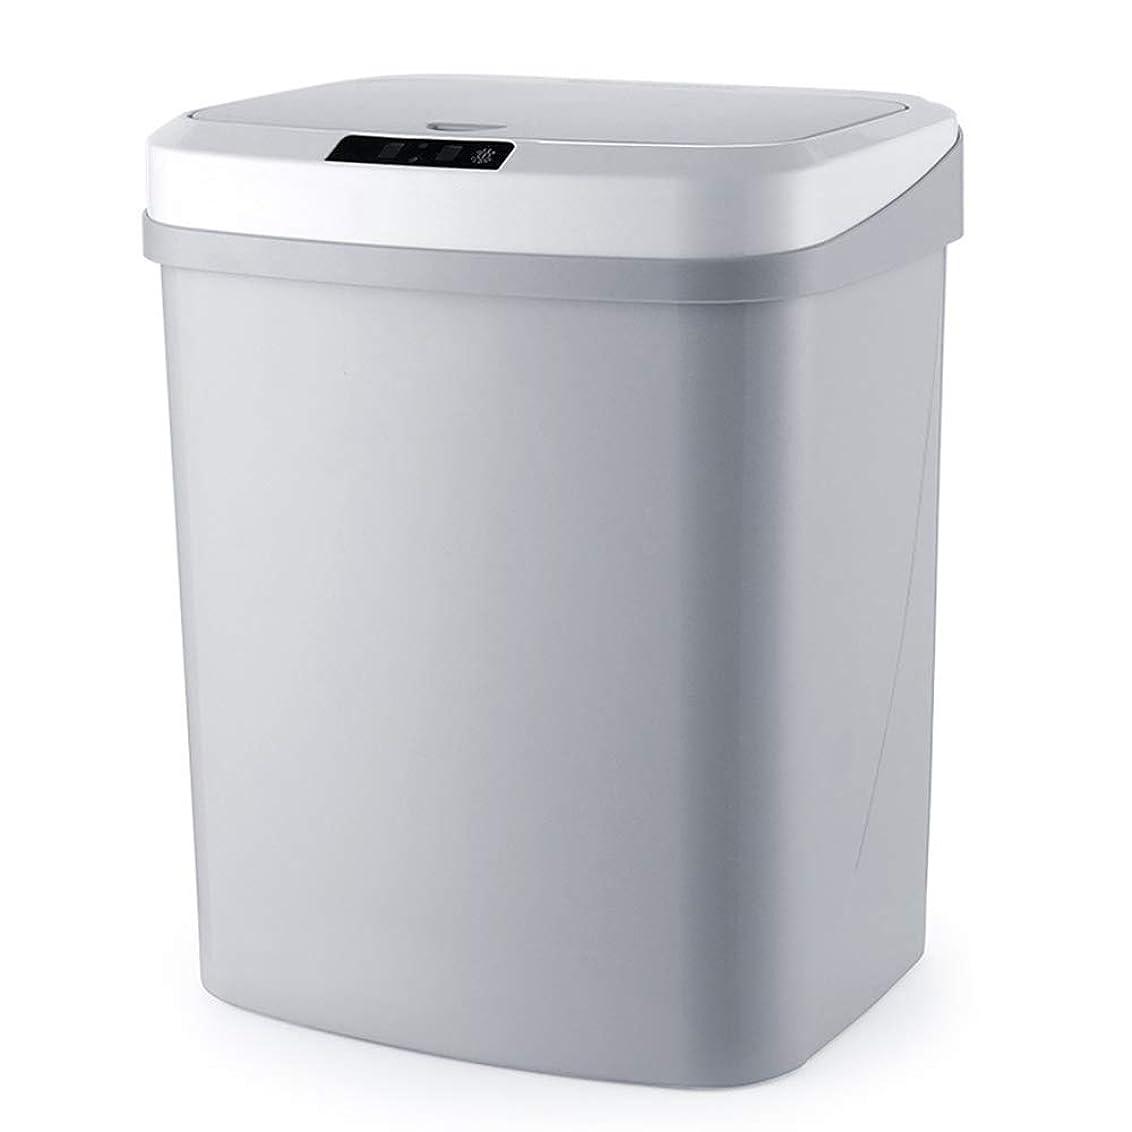 バズ因子トピックスマートゴミ箱、充電式スマートセンサーの設計-15Lのごみ箱サイレント自動家庭紙バスケットに適したベッドルーム、オフィスキッチン